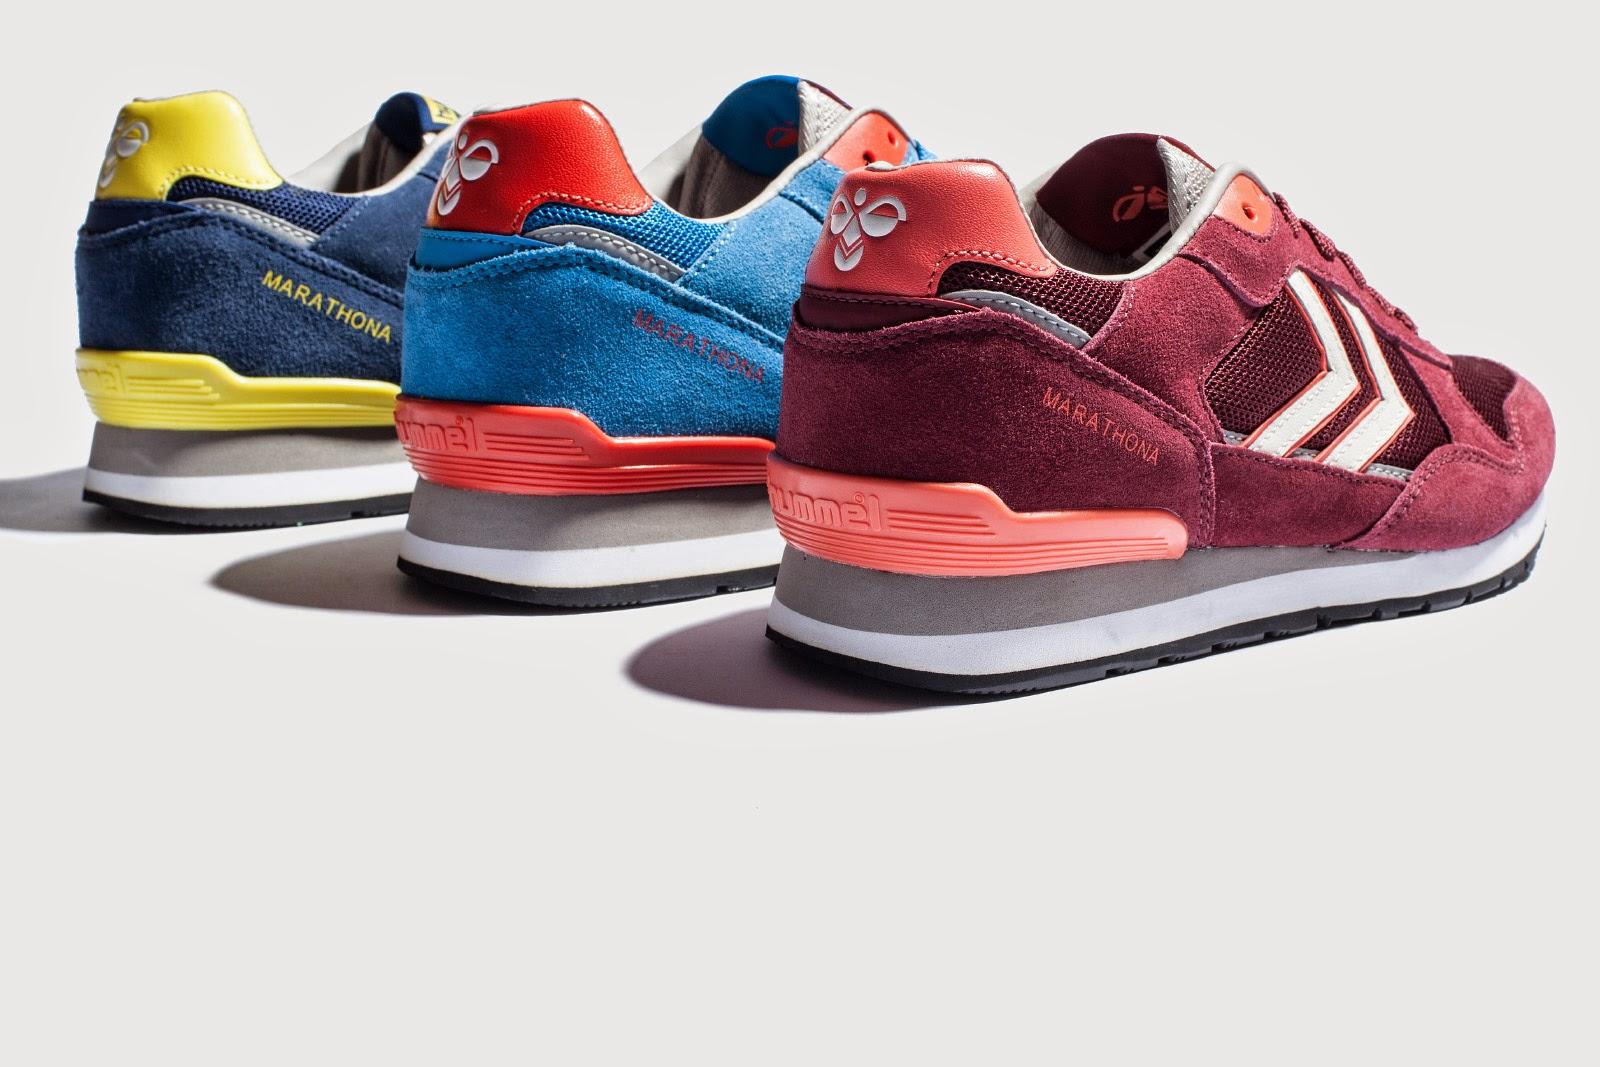 Hummel, Footwear, calzado, sports, sportwear, zapatillas, primavera verano, Spring 2014, sneakers,